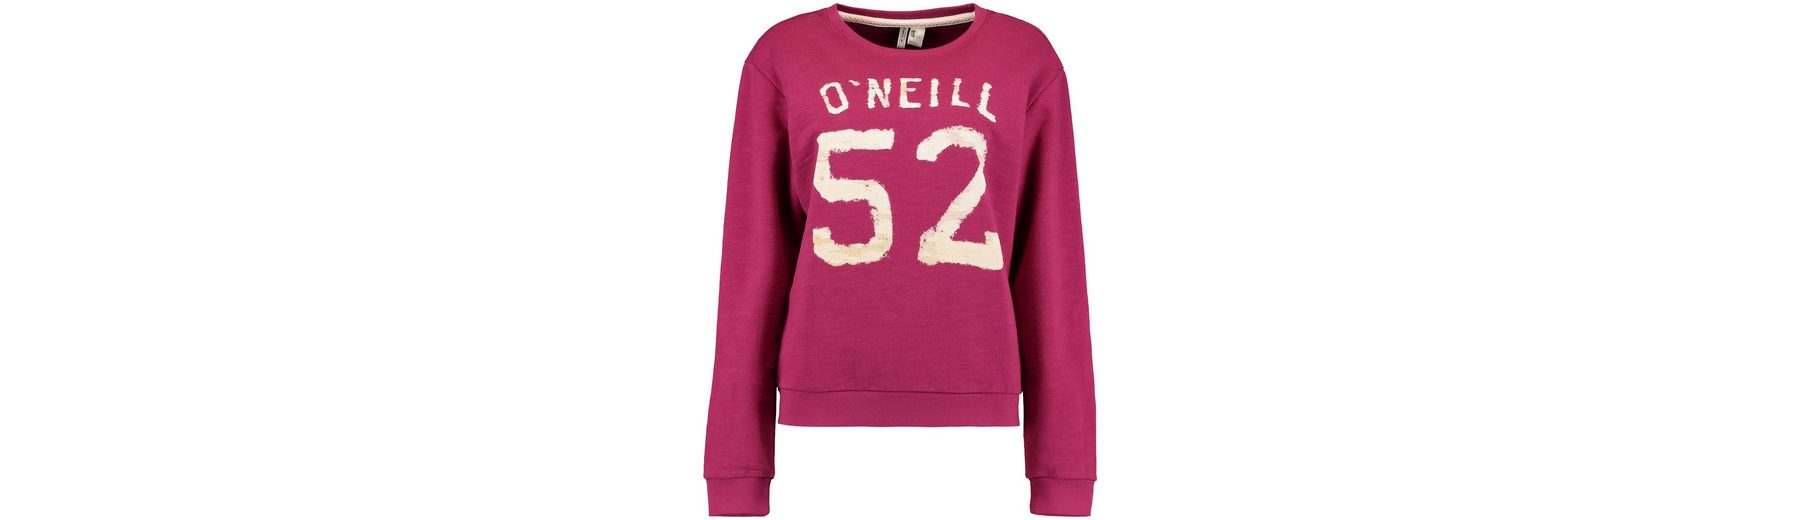 Ebay Auslass Bester Günstiger Preis O'Neill Sweats Logo driver sweatshirt Große Überraschung Verkauf Online Auslass Visa Zahlung Unisex dulFoSjT